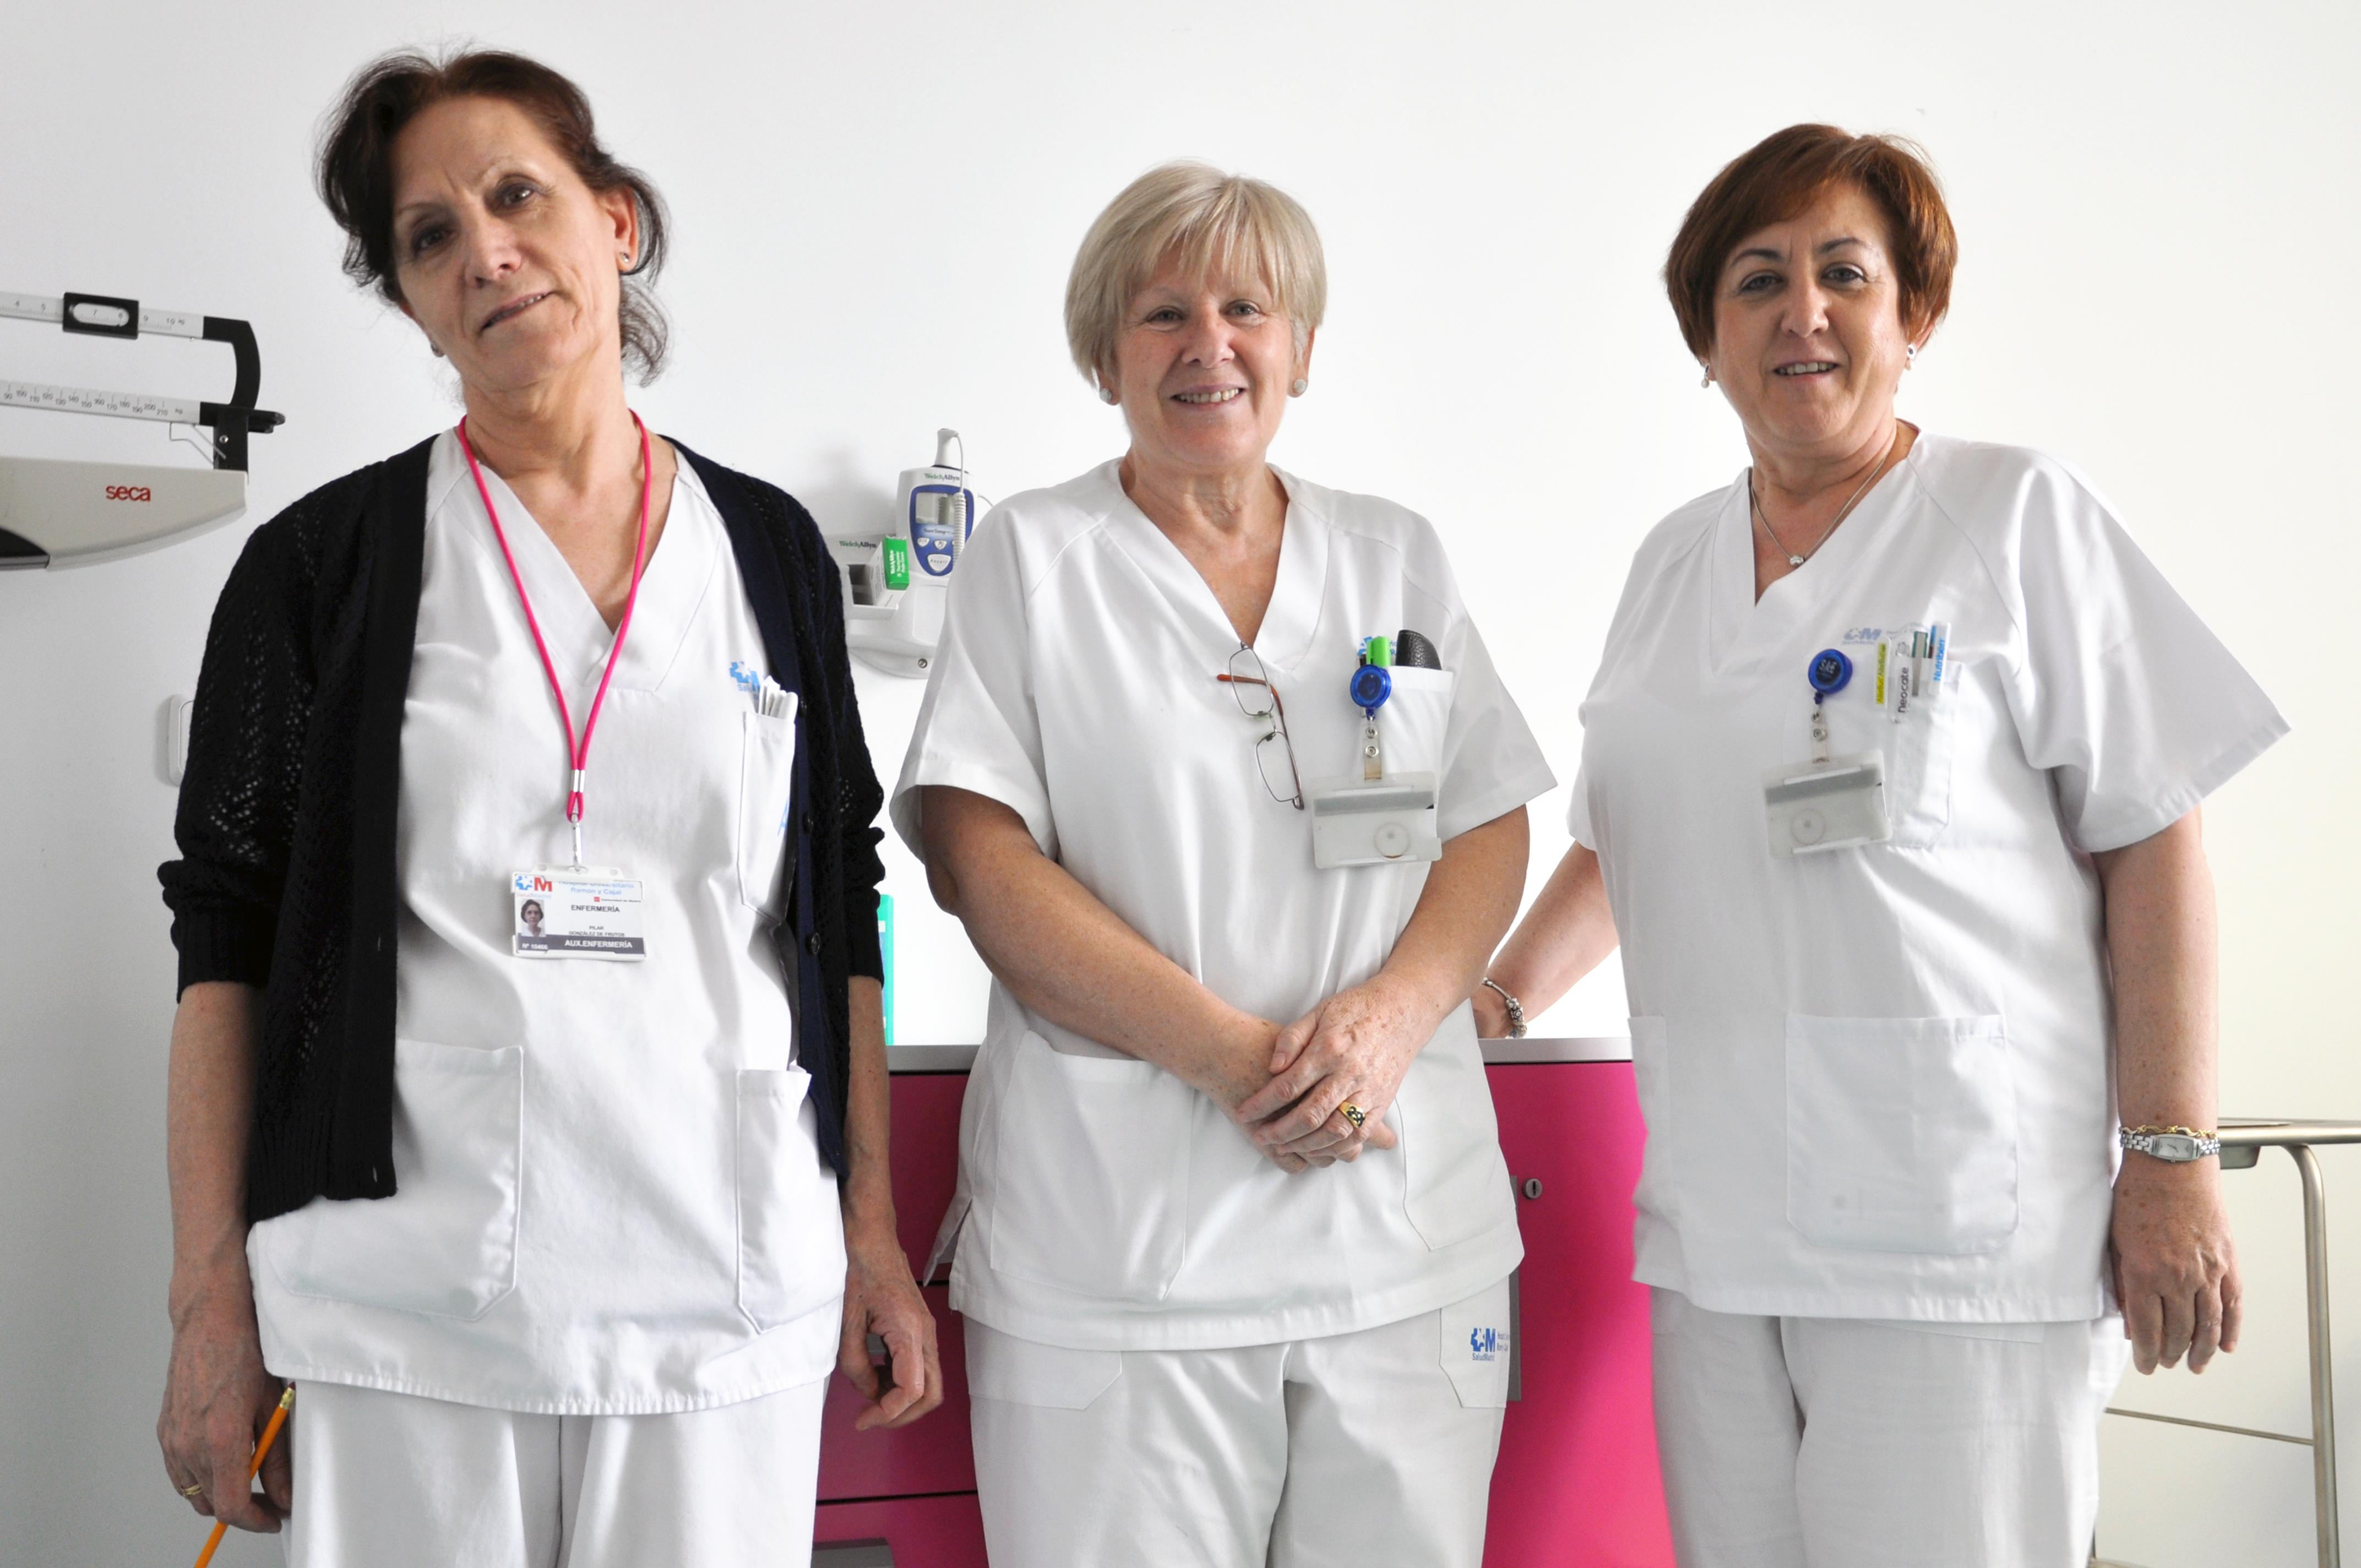 La enfermería sigue siendo el personal sanitario mejor valorado por los ciudadanos